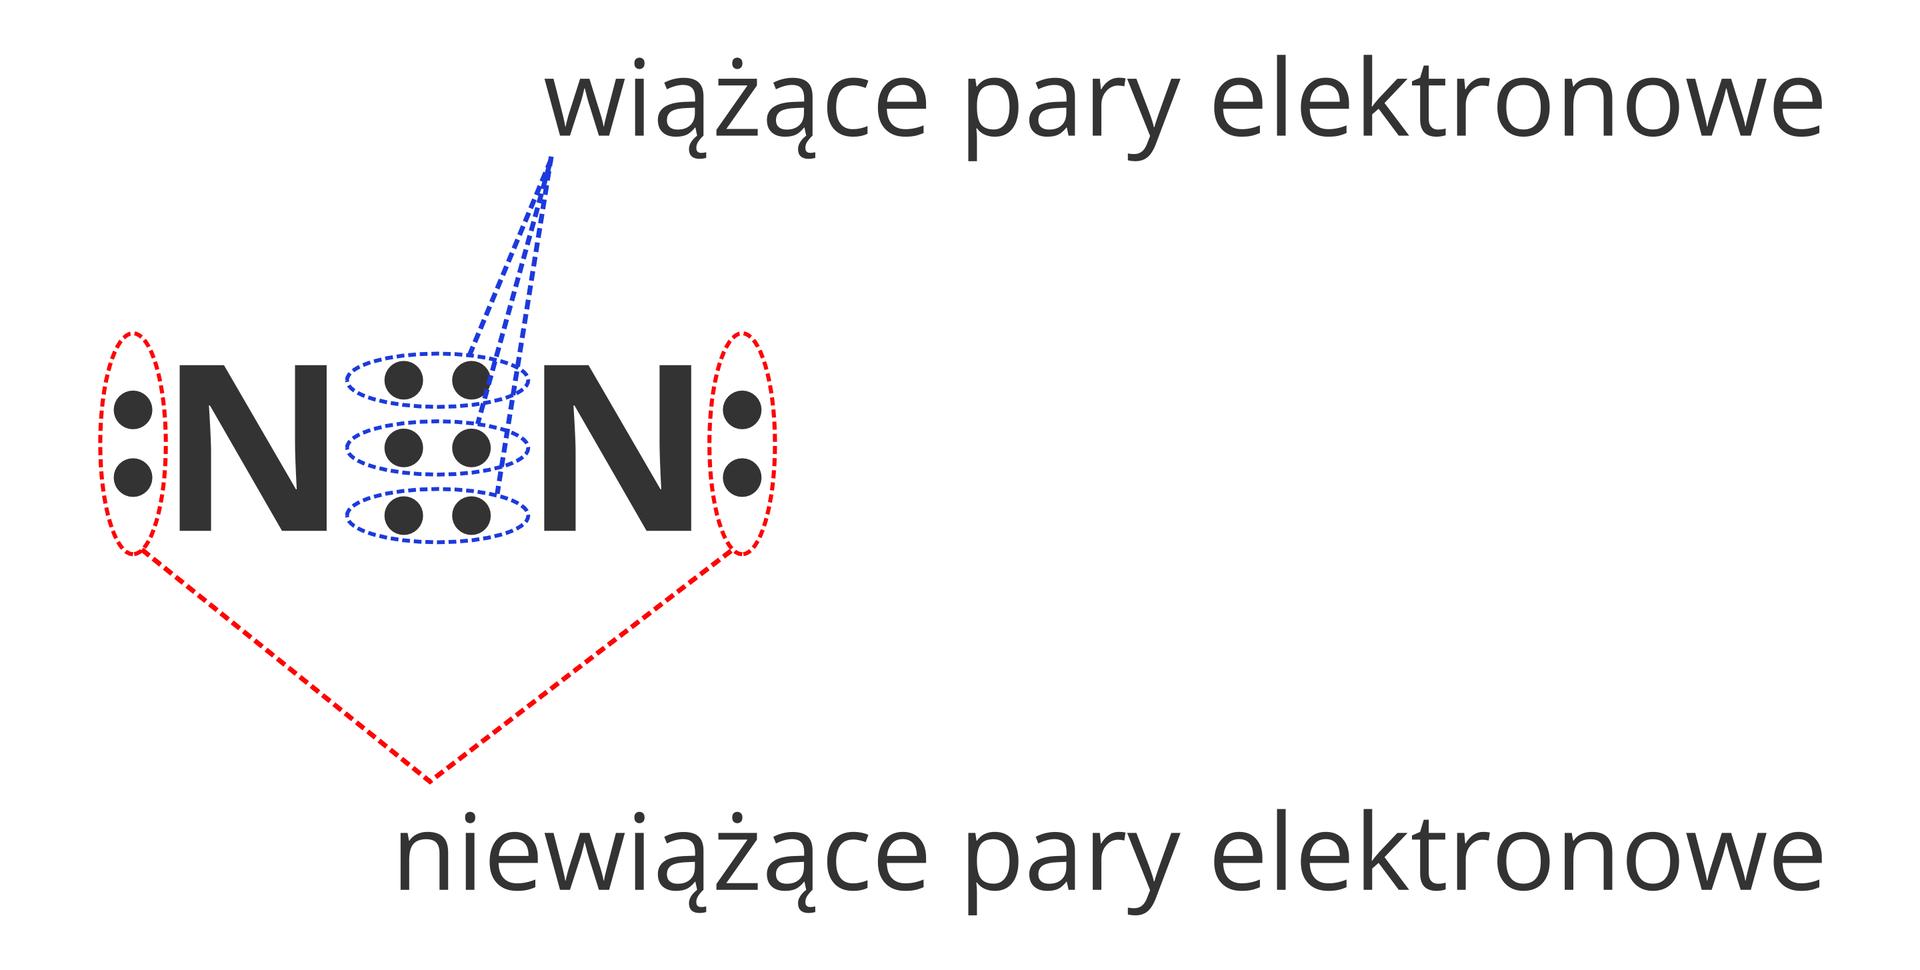 Ilustracja przedstawia różnice pomiędzy rodzajami par elektronowych wcząsteczce azotu, aprzy okazji również wsposobie ich oznaczania wzapisie kropkowym. Rysunek przedstawia dwuatomową cząsteczkę azotu wzapisie elektronowym kropkowym. Kropki łączące ze sobą atomy azotu zaznaczone są niebieskim kolorem ipodpisane jako Wiążące pary elektronowe. Zkolei kropki po bokach atomów azotu ale nie łączące ich ze sobą oznaczone są kolorem czerwonym ipodpisane Niewiążące pary elektronowe.